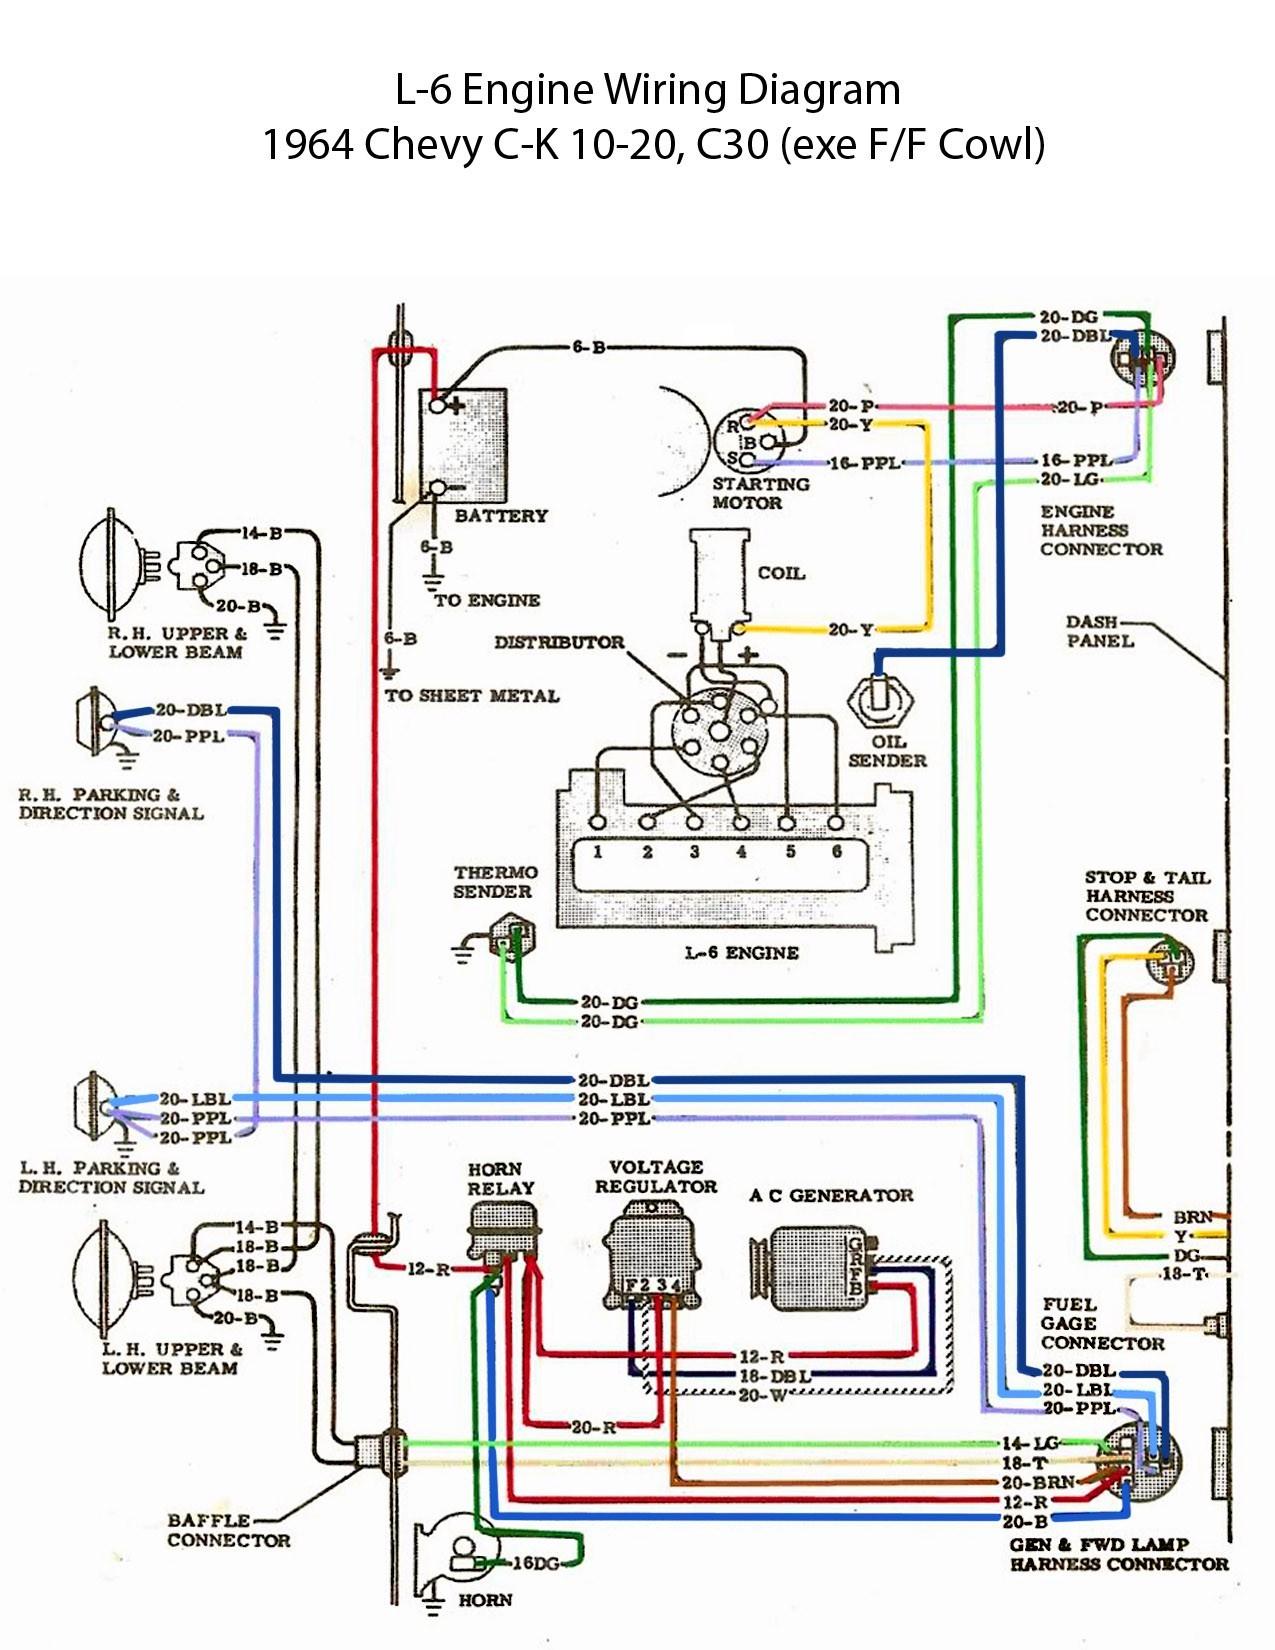 hight resolution of chevy 4x4 actuator wiring diagram wiring diagramschevy 4x4 actuator wiring diagram nemetas aufgegabelt info chevy 4x4